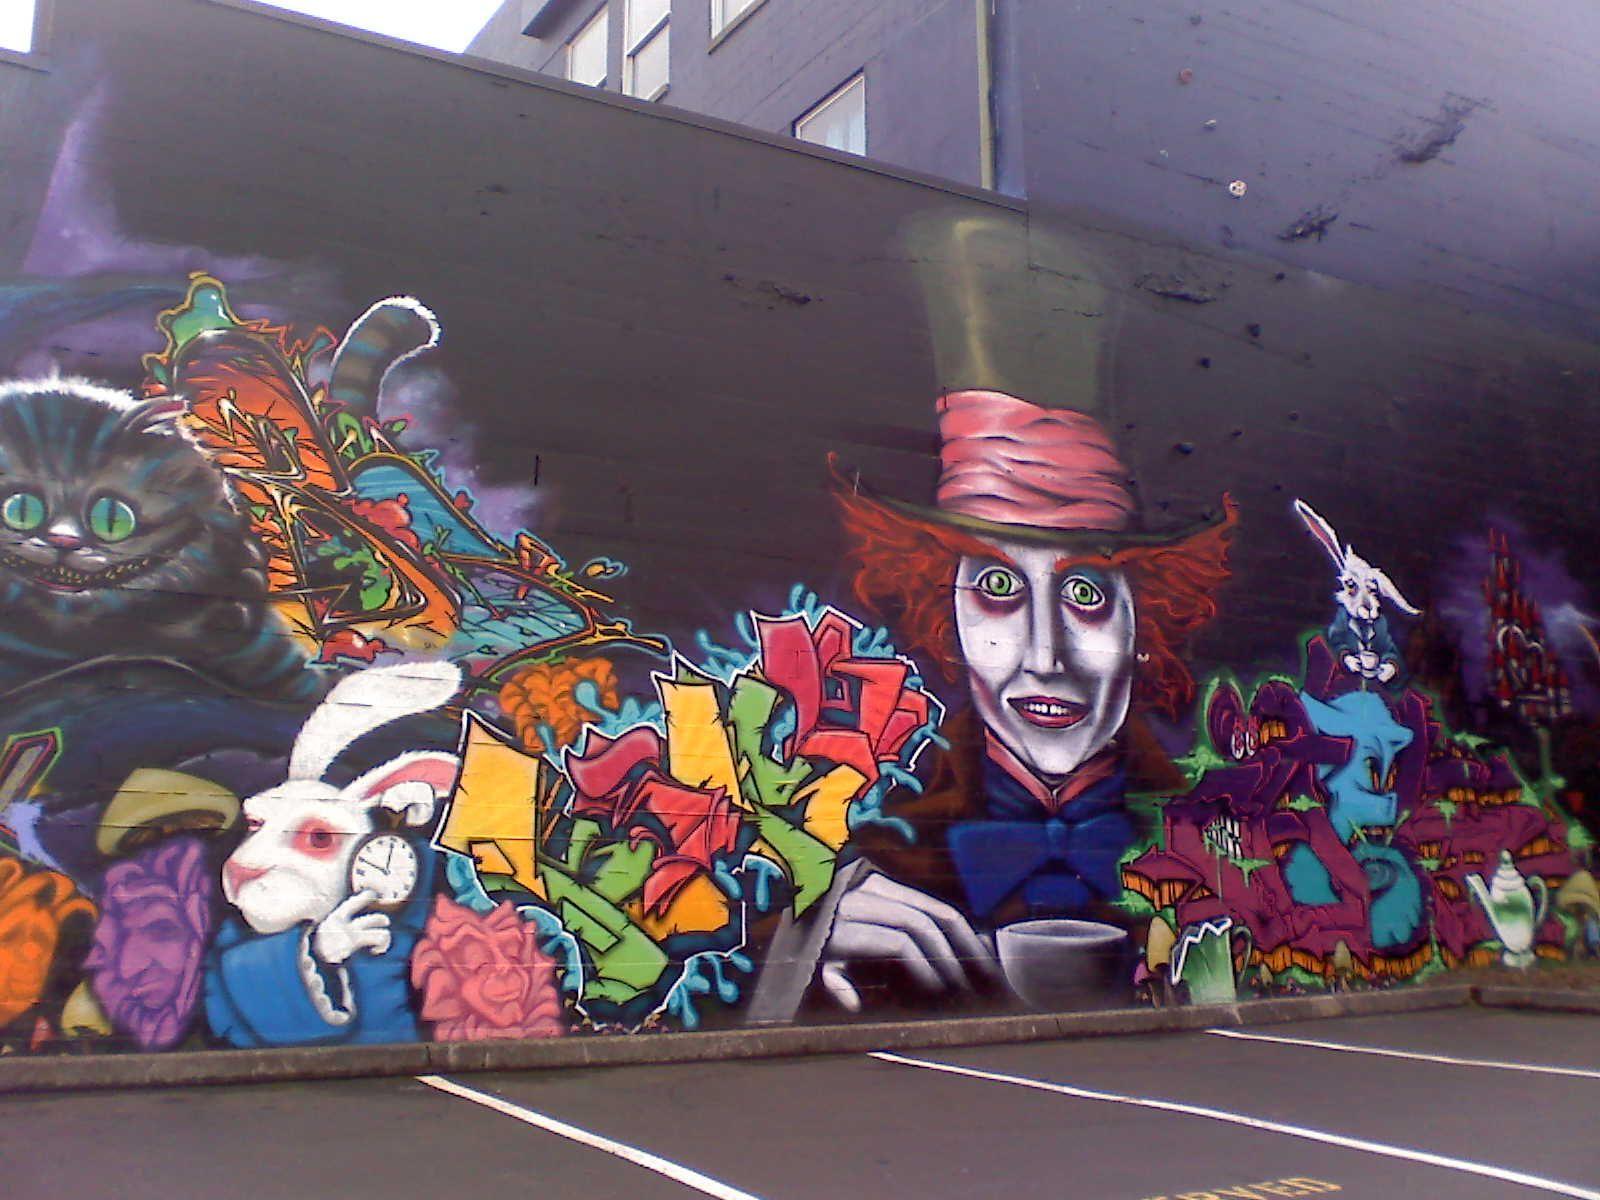 Best Tag Street Art Ideas On Pinterest Street Art Graffiti - Street artist turns street furniture into characters